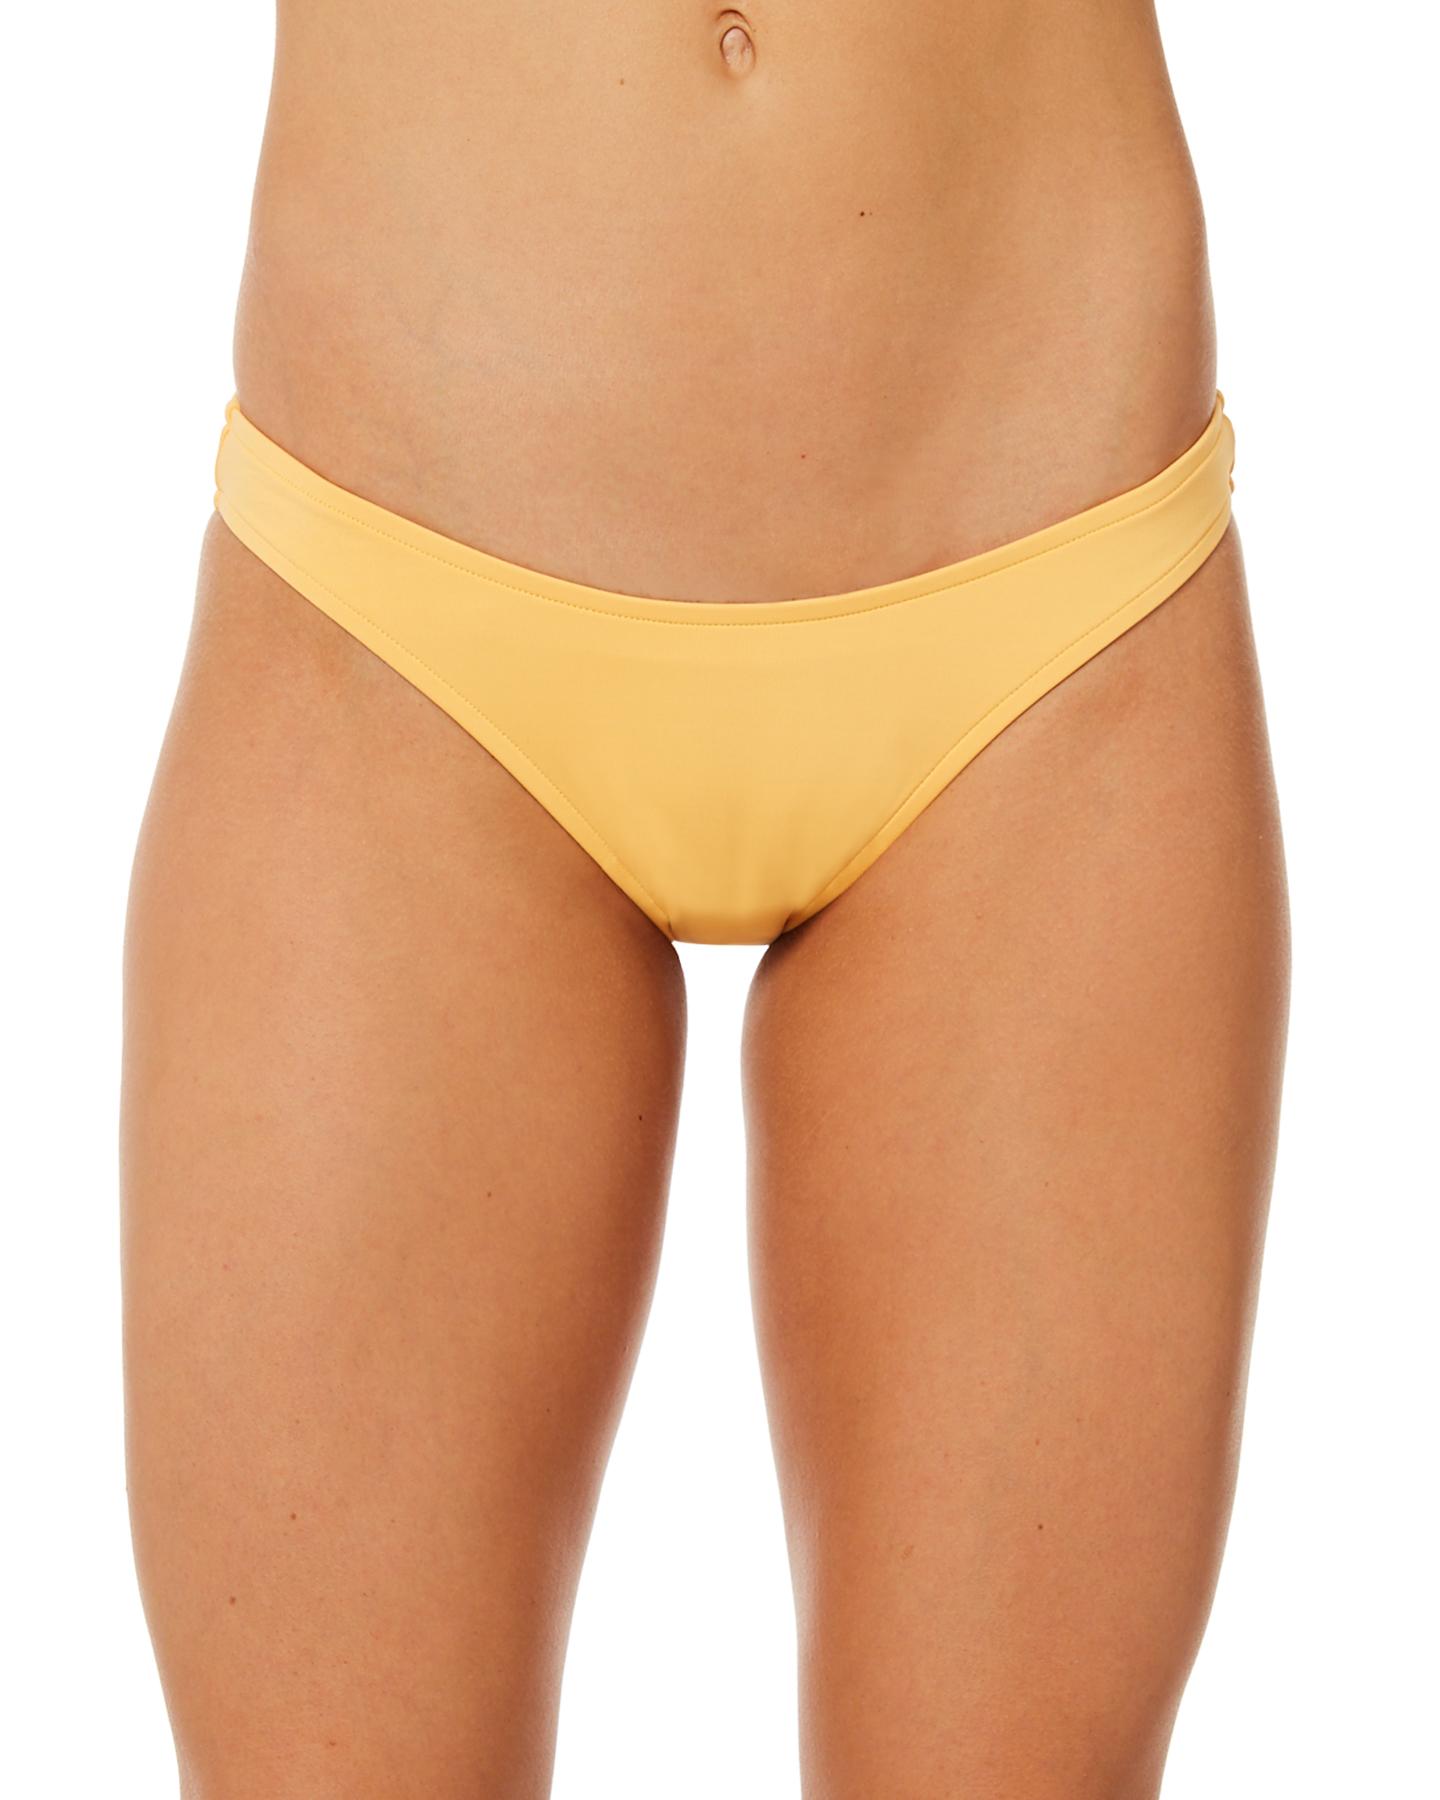 004d332d597 Seafolly Active High Cut Pant Buttercup Buttercup Womens bikini ...